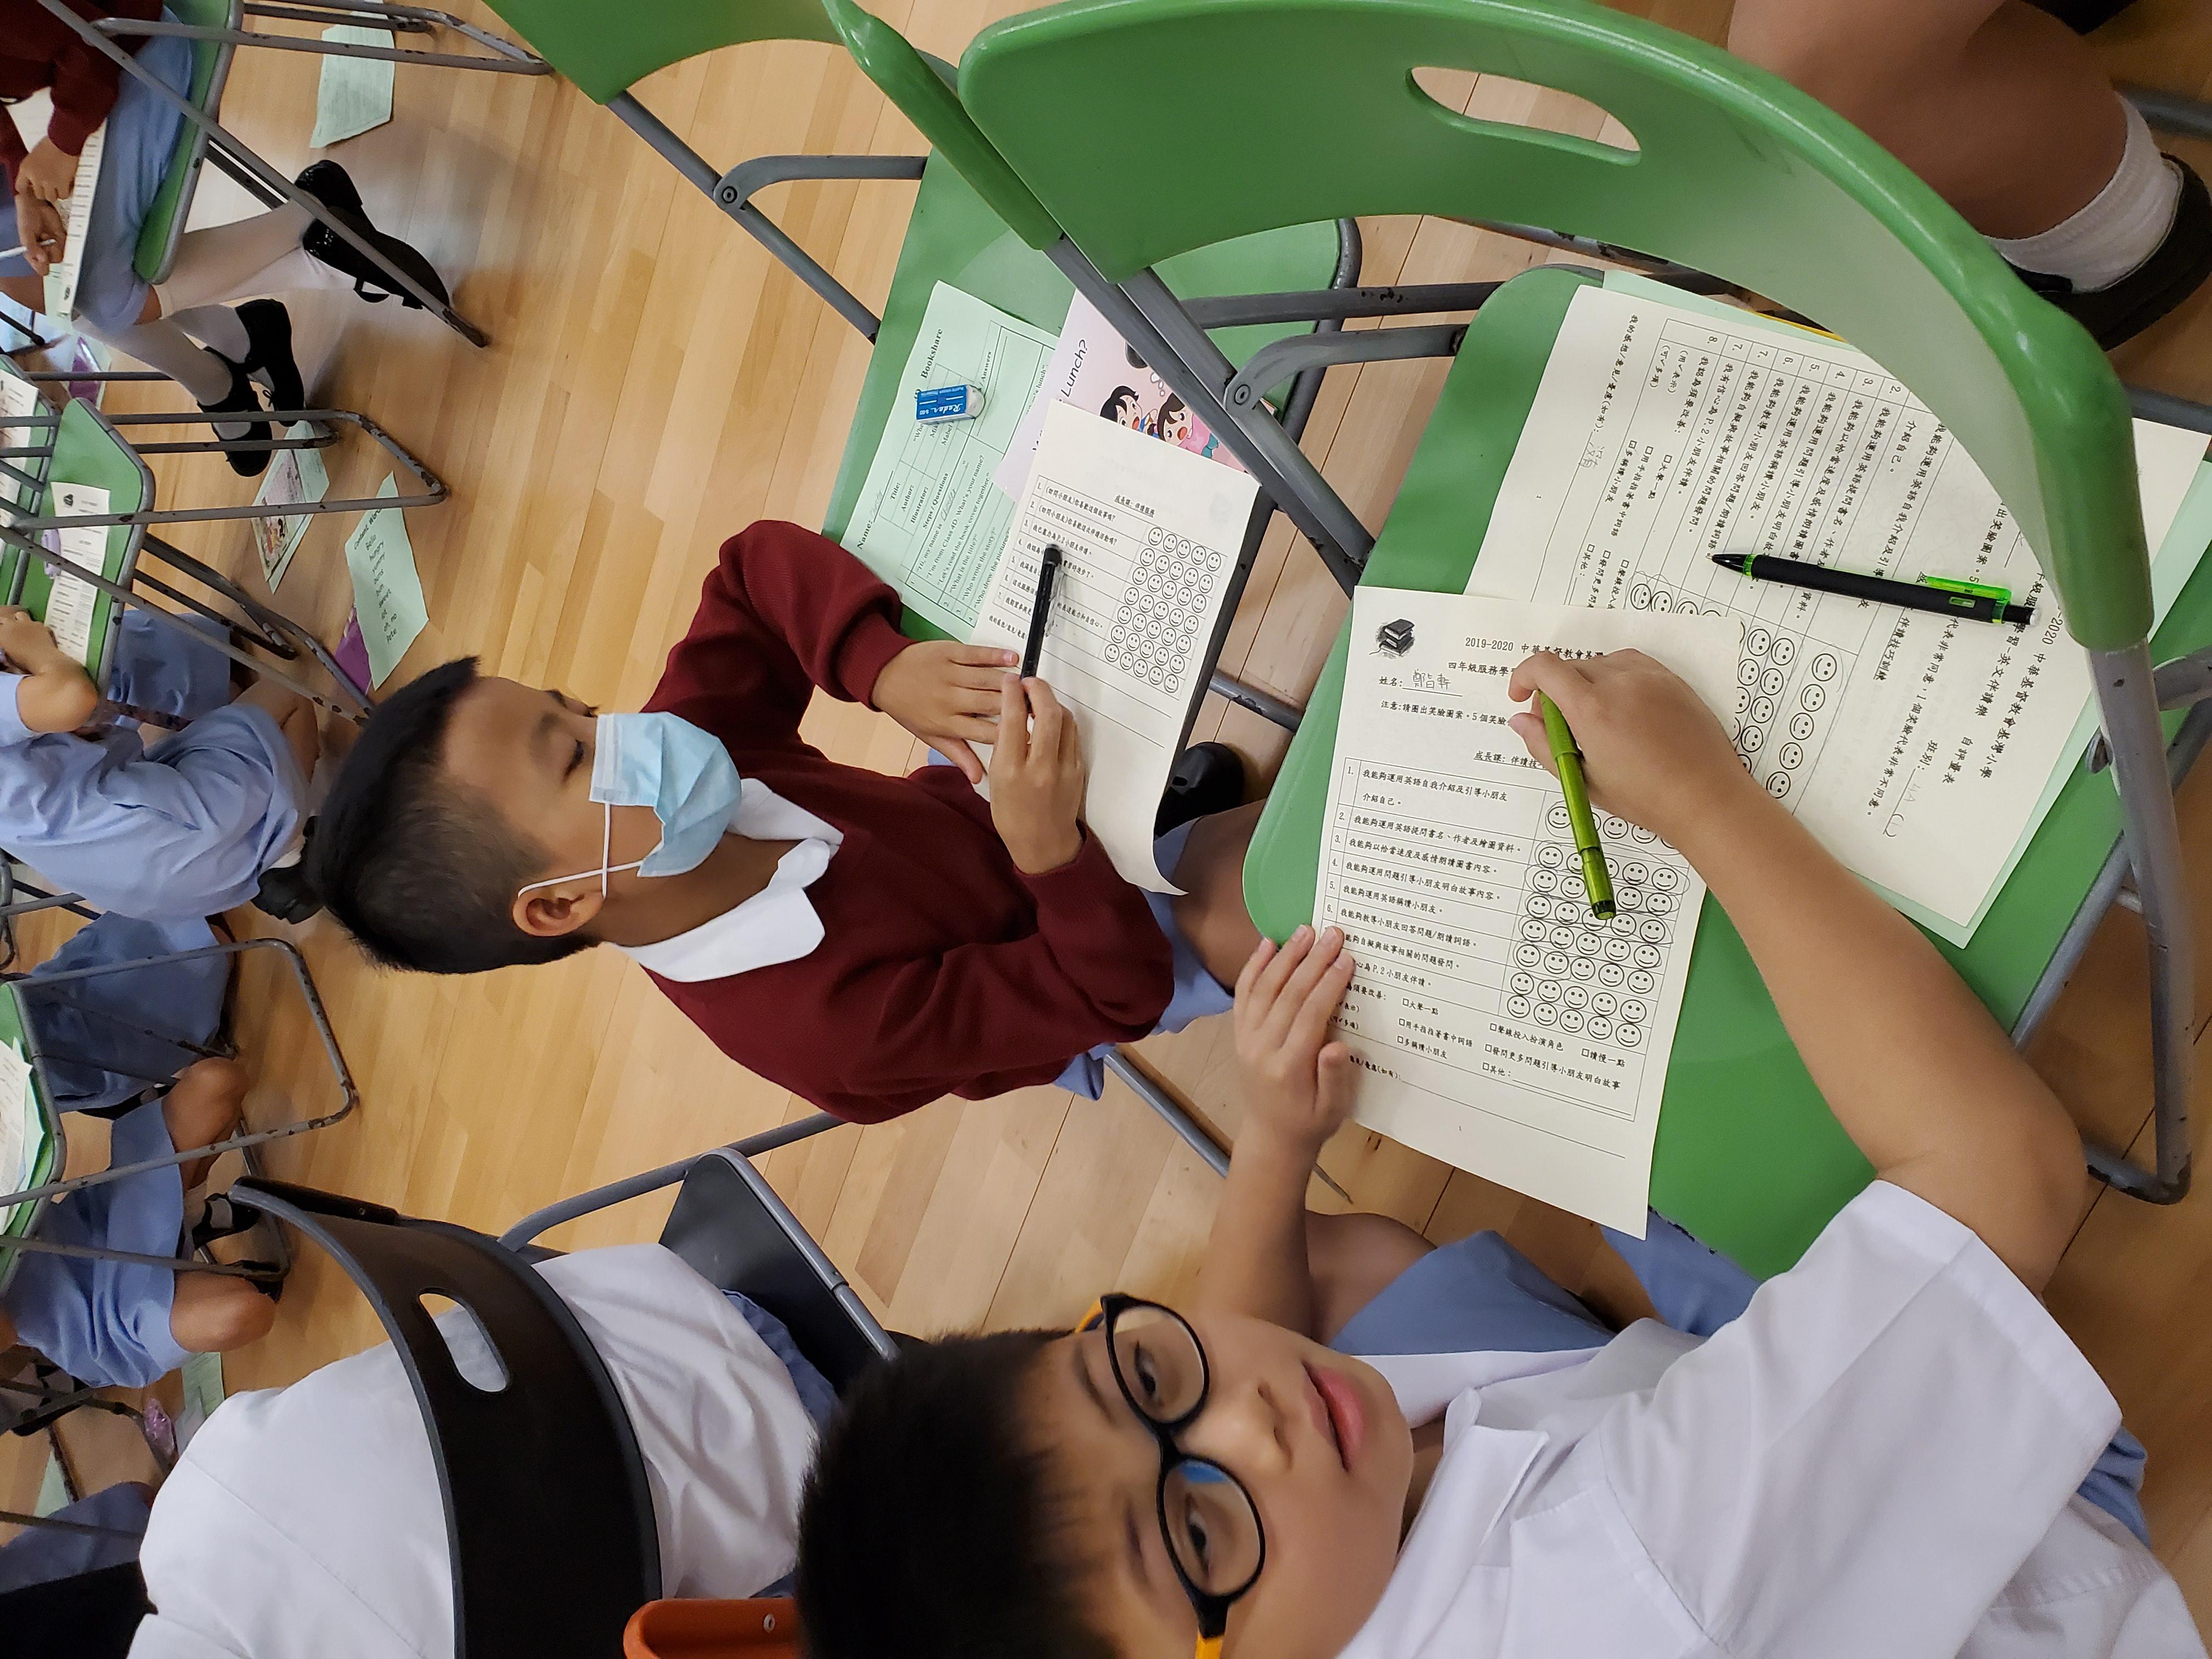 http://www.keiwan.edu.hk/sites/default/files/20191016_134426.jpg